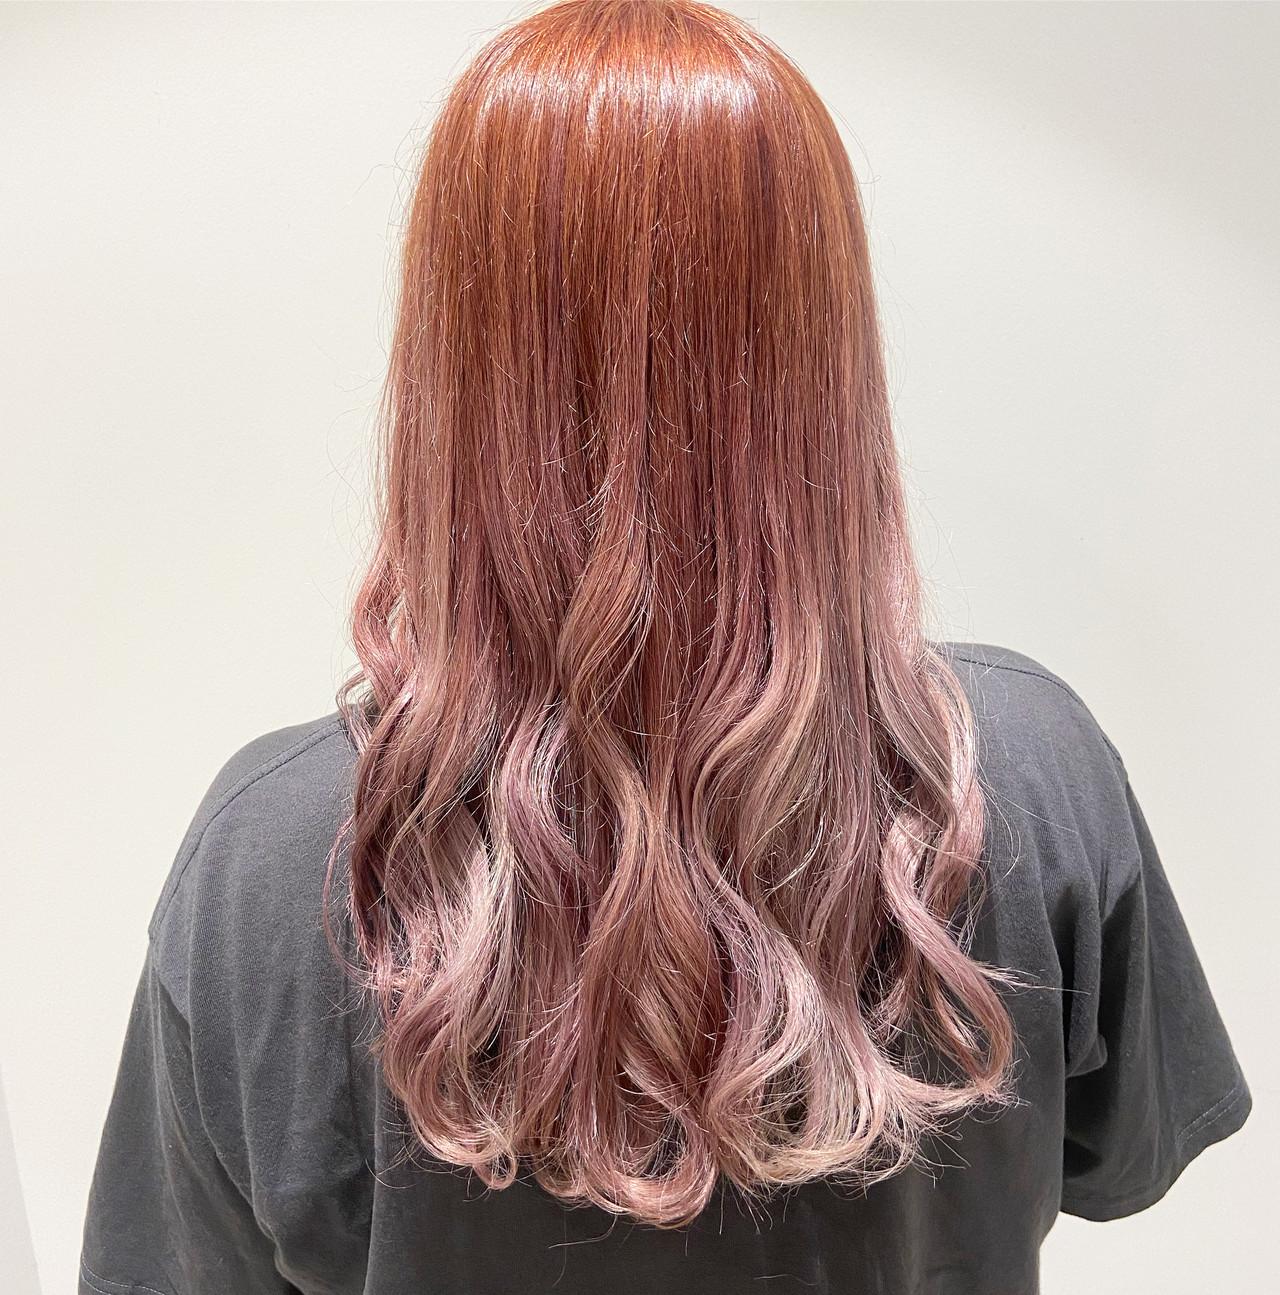 ピンクアッシュ ピンクベージュ フェミニン ミディアム ヘアスタイルや髪型の写真・画像